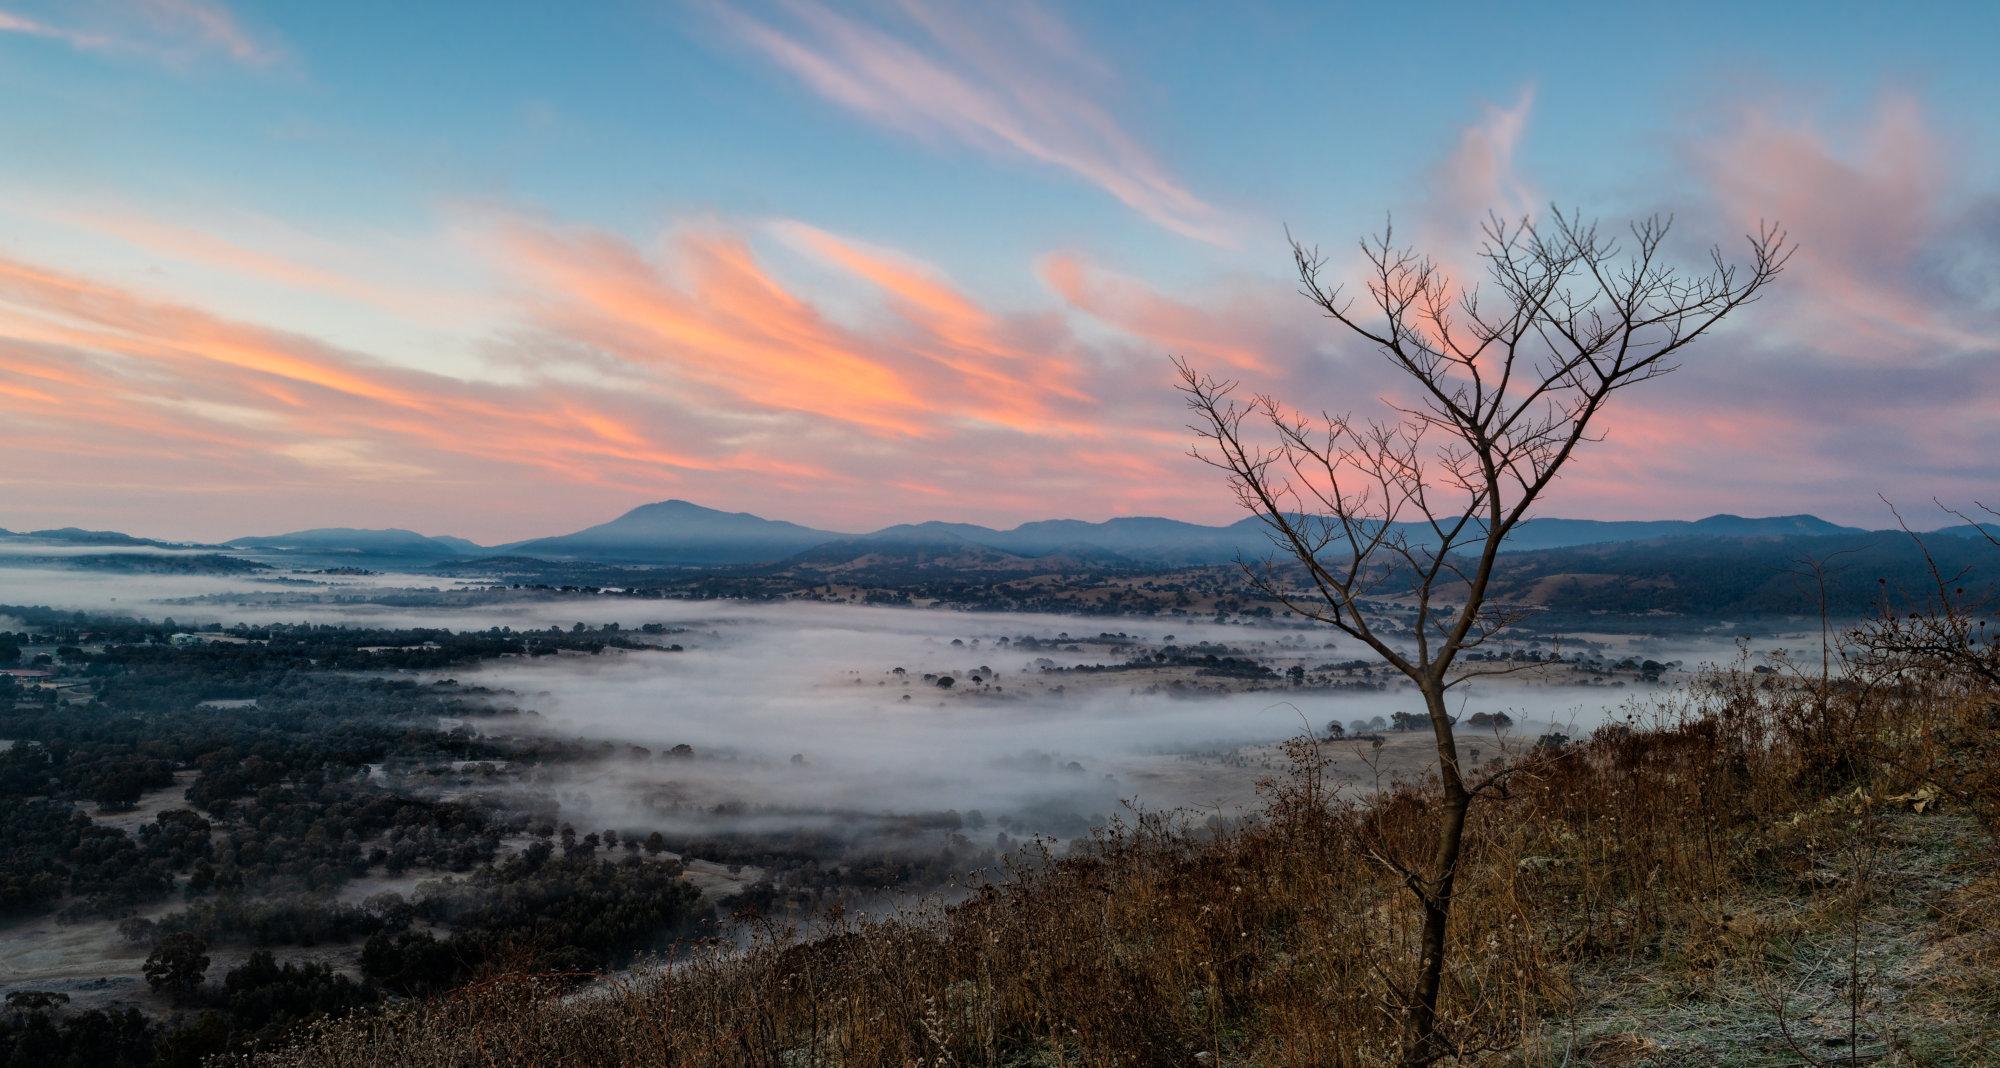 Dawn over the Murrumbidgee Valley